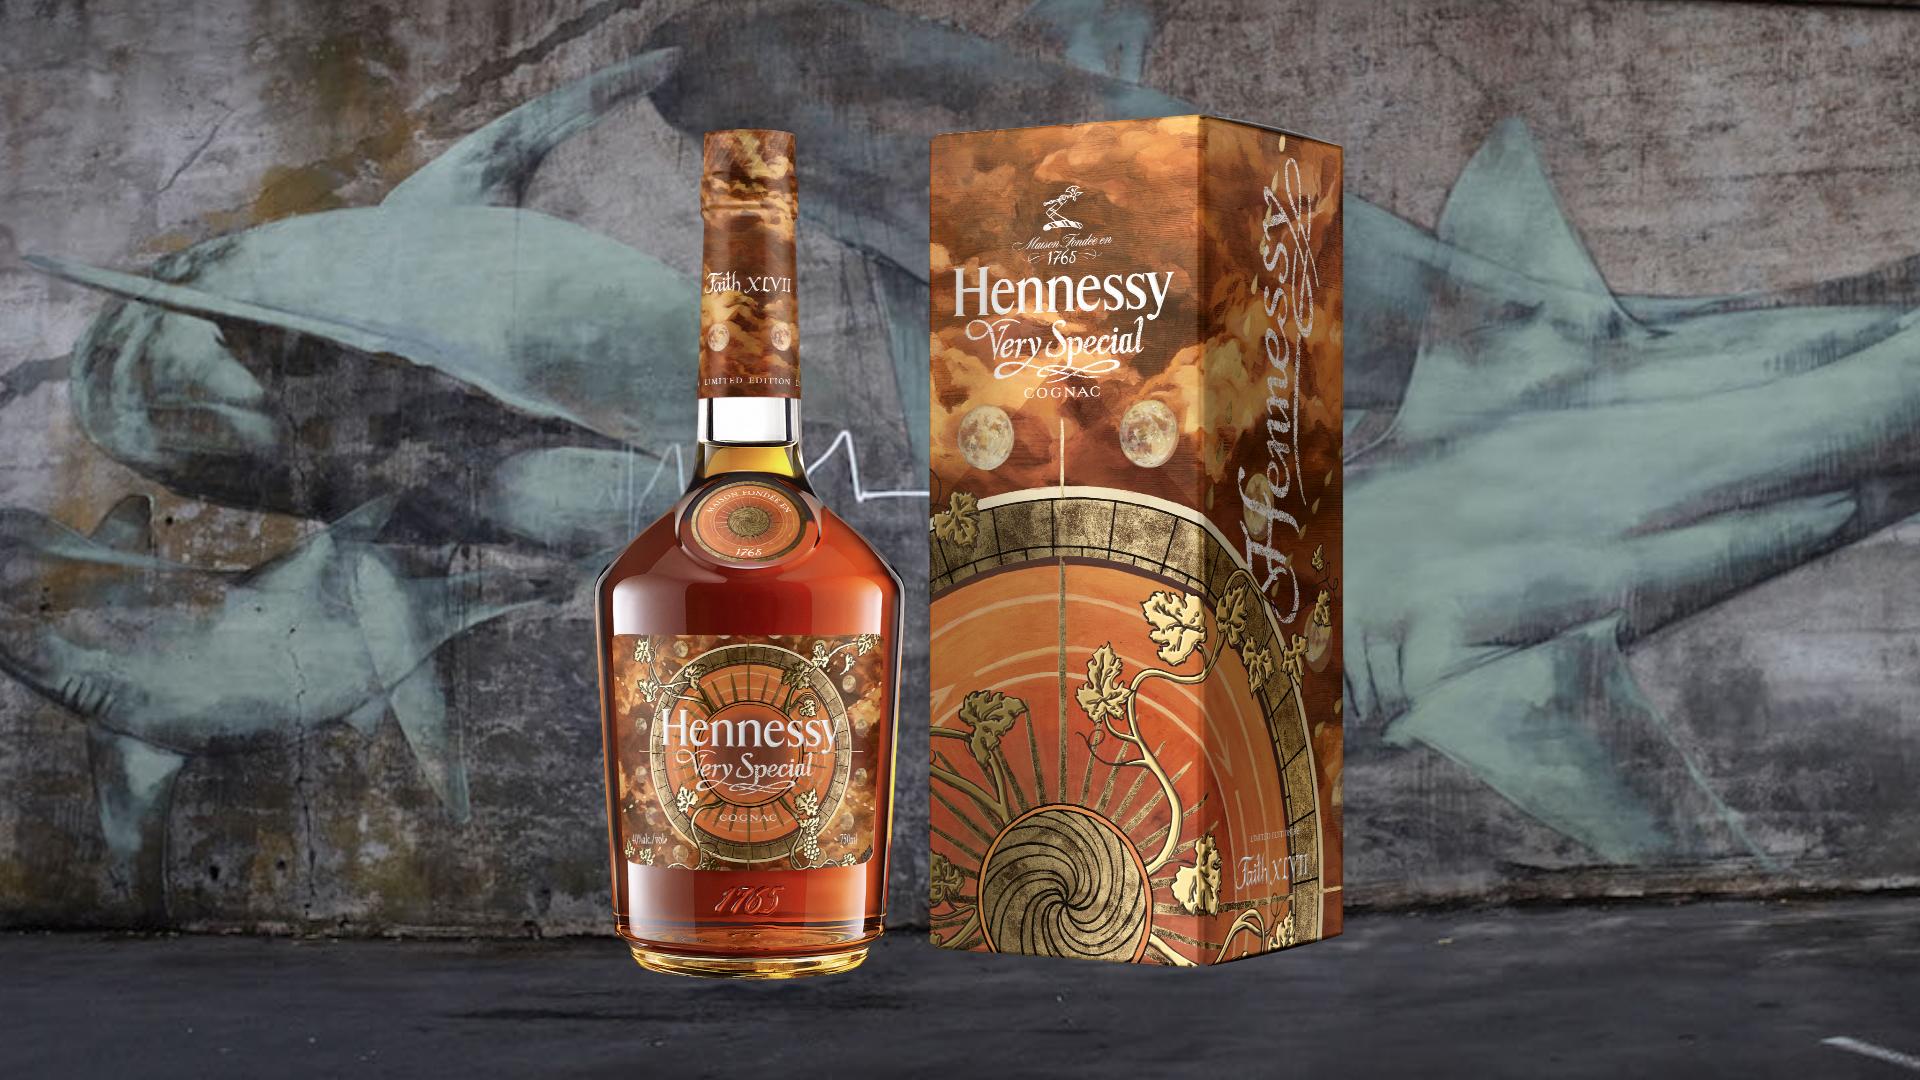 Hennessy Very Special en colaboración con Faith XLVII I